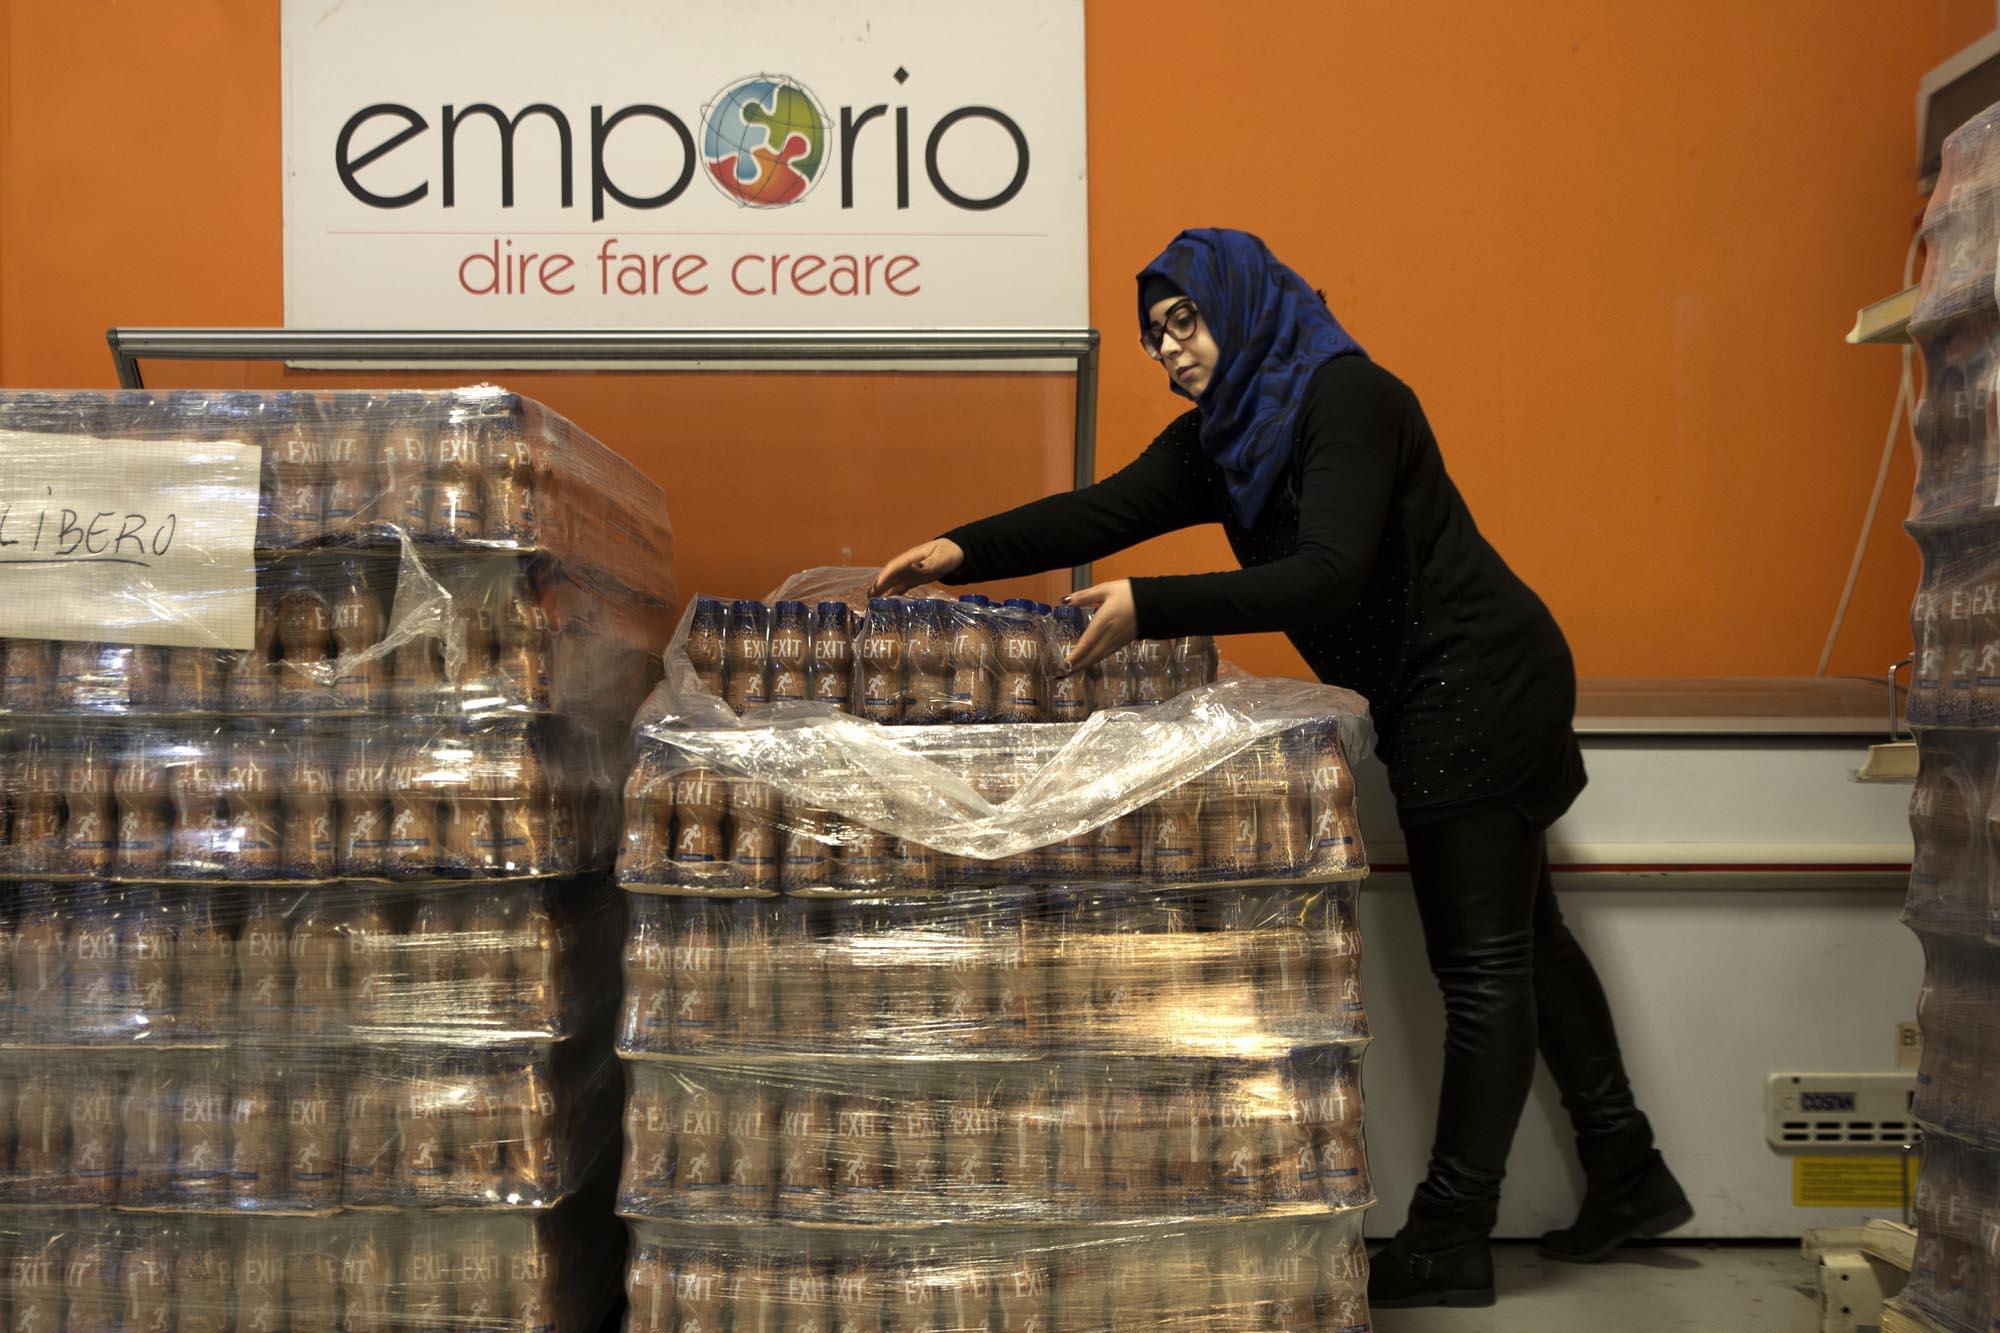 0736 Volontari in un market solidale 1 - Assistenza alimentare alle famiglie, emporio